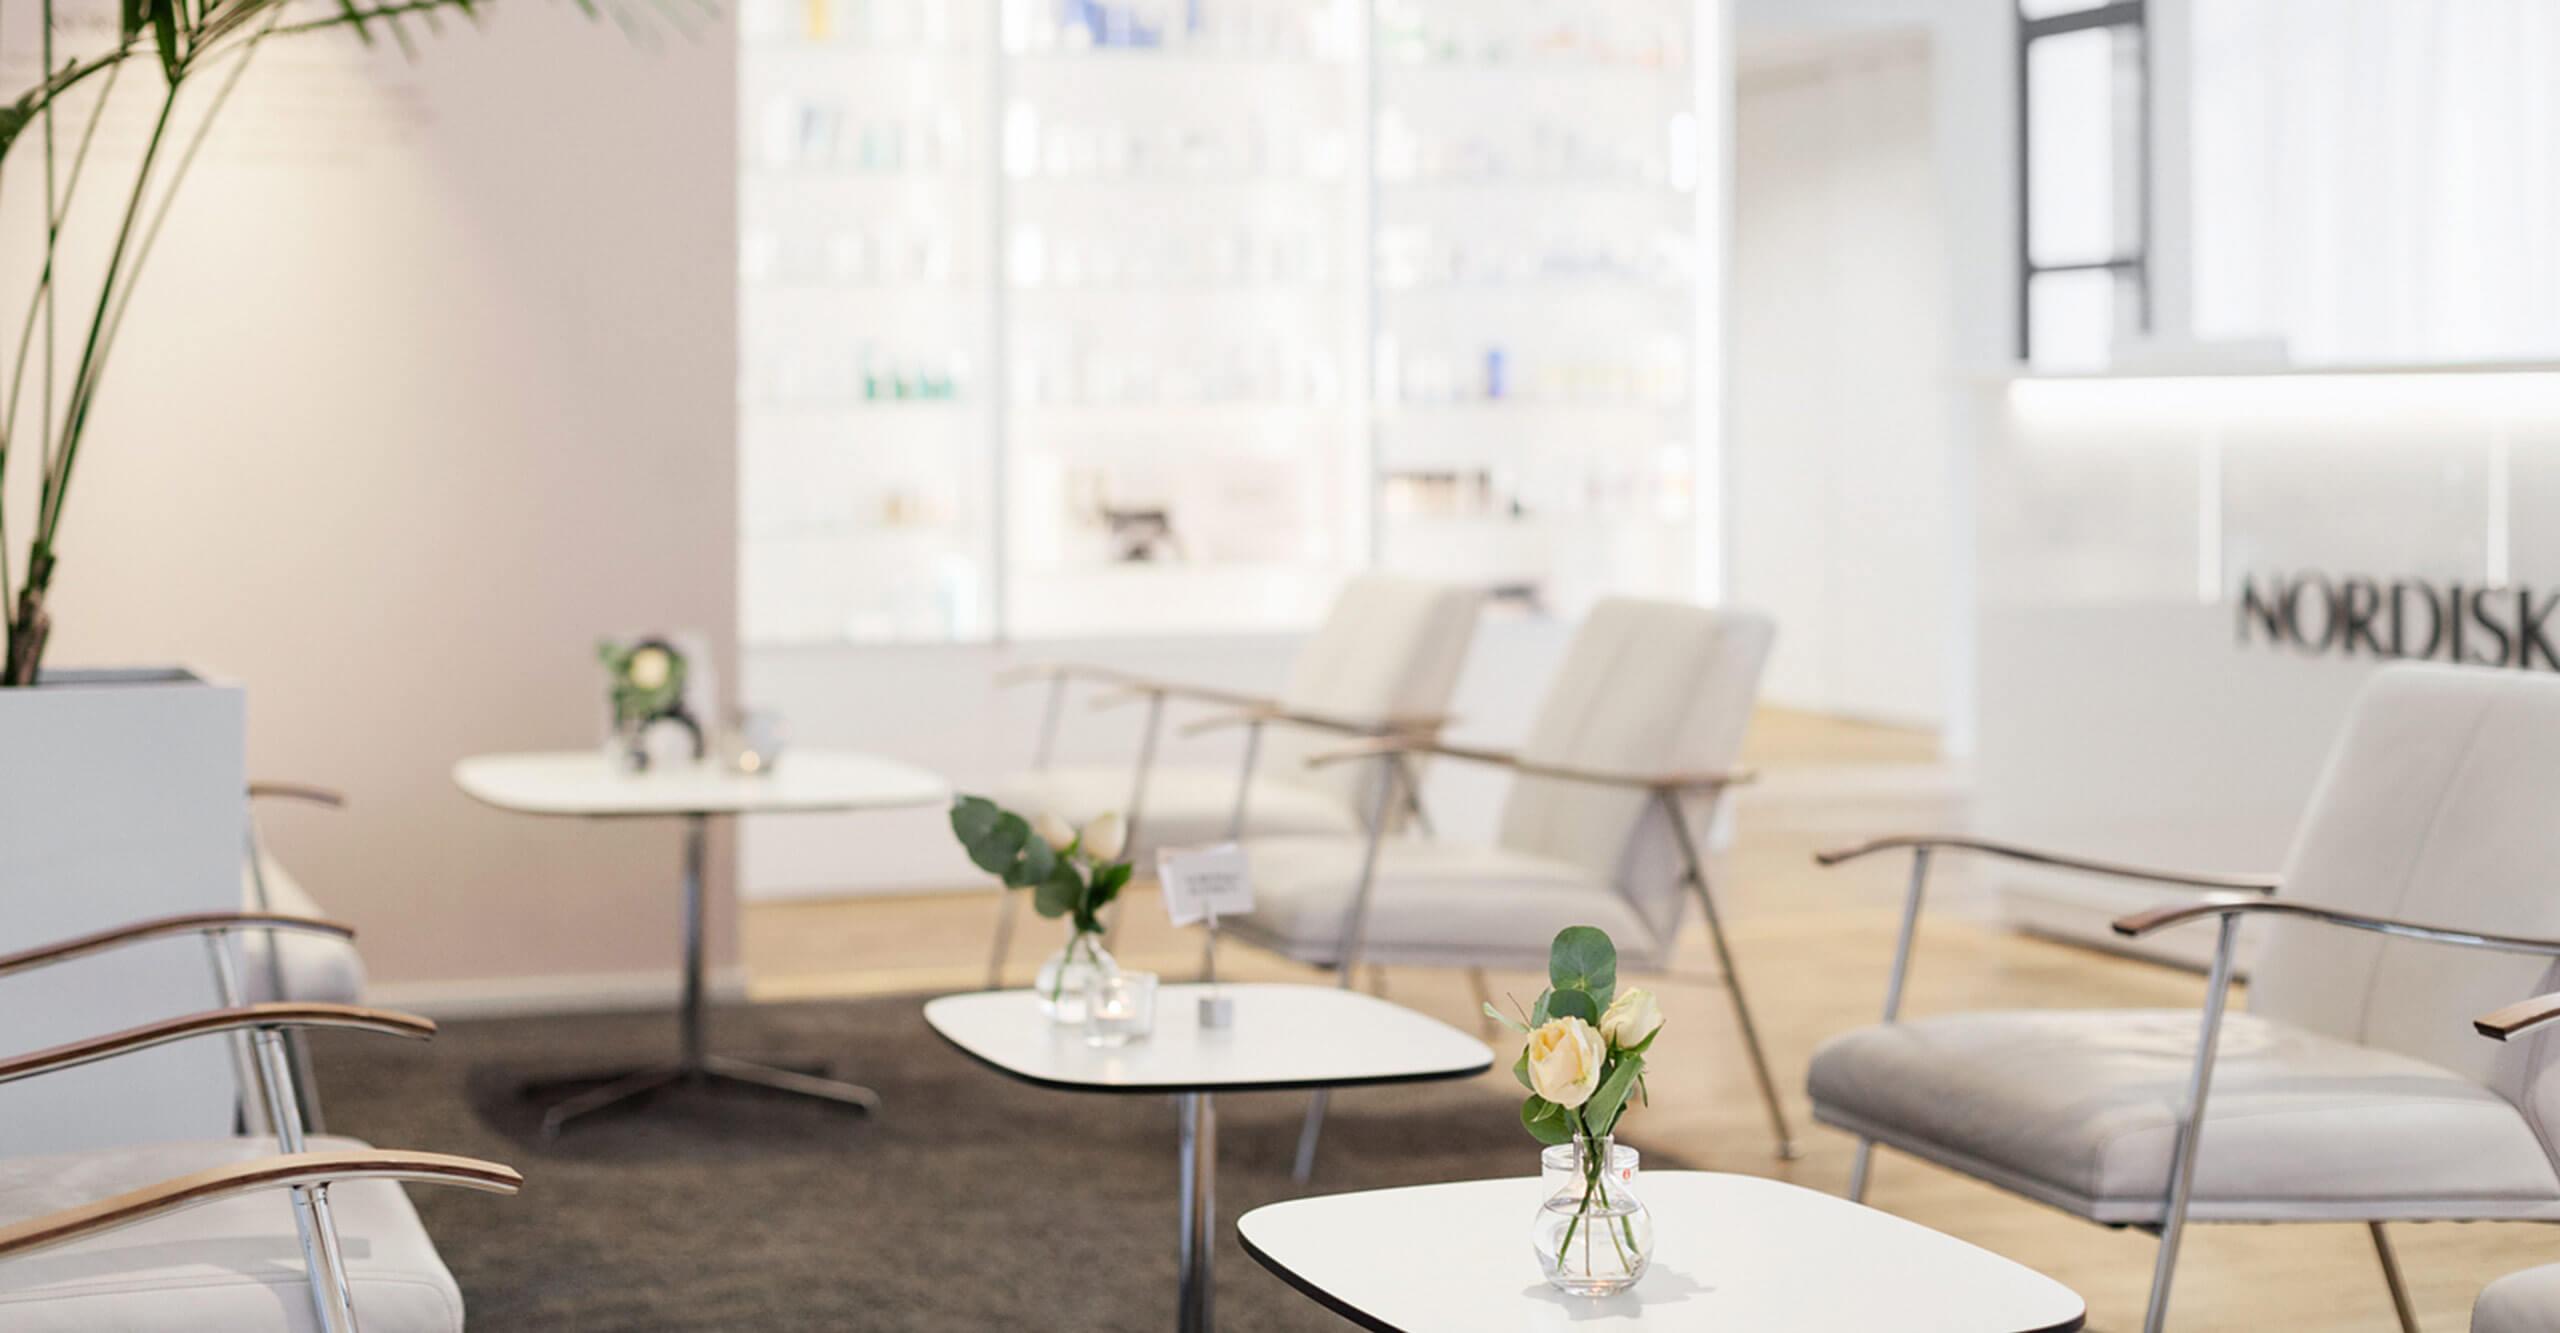 Receptionen på Nordiska Kliniken Sergels Torg